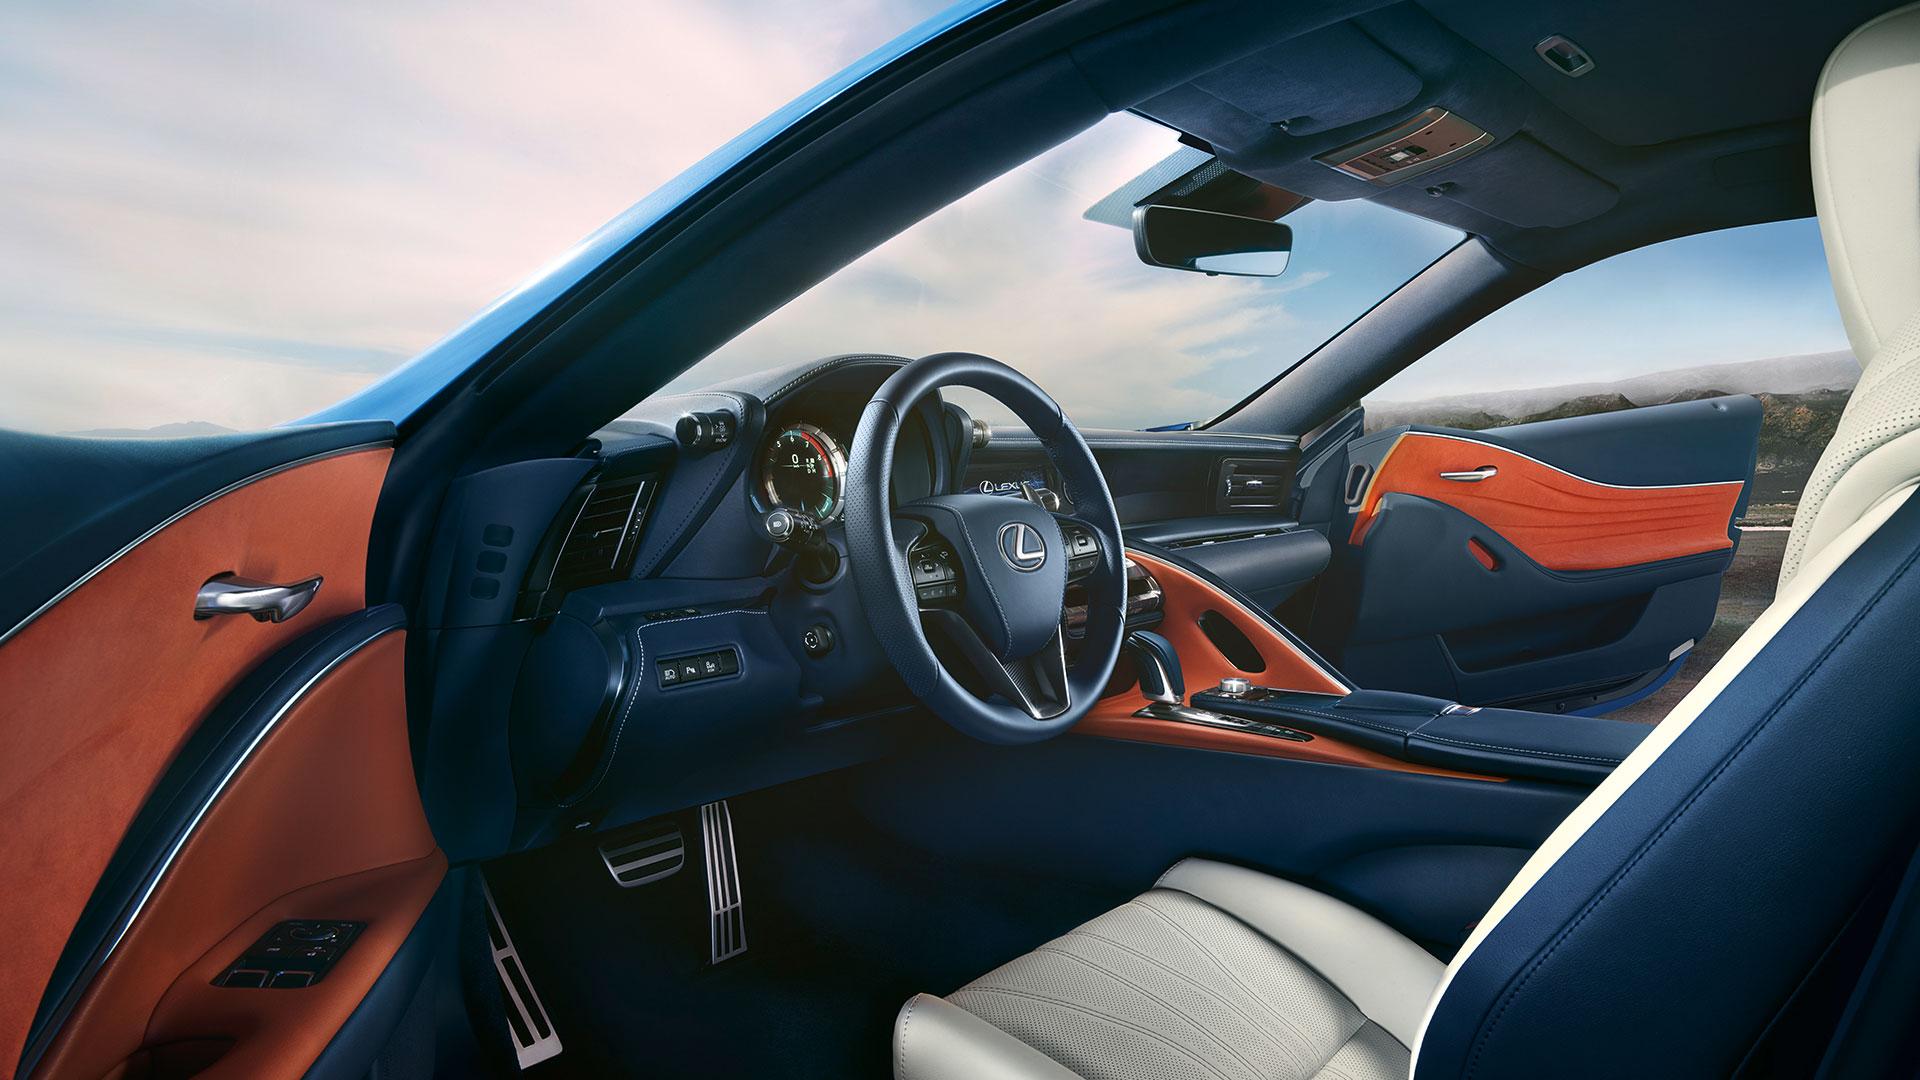 2018 lexus lc next steps behind wheel 001